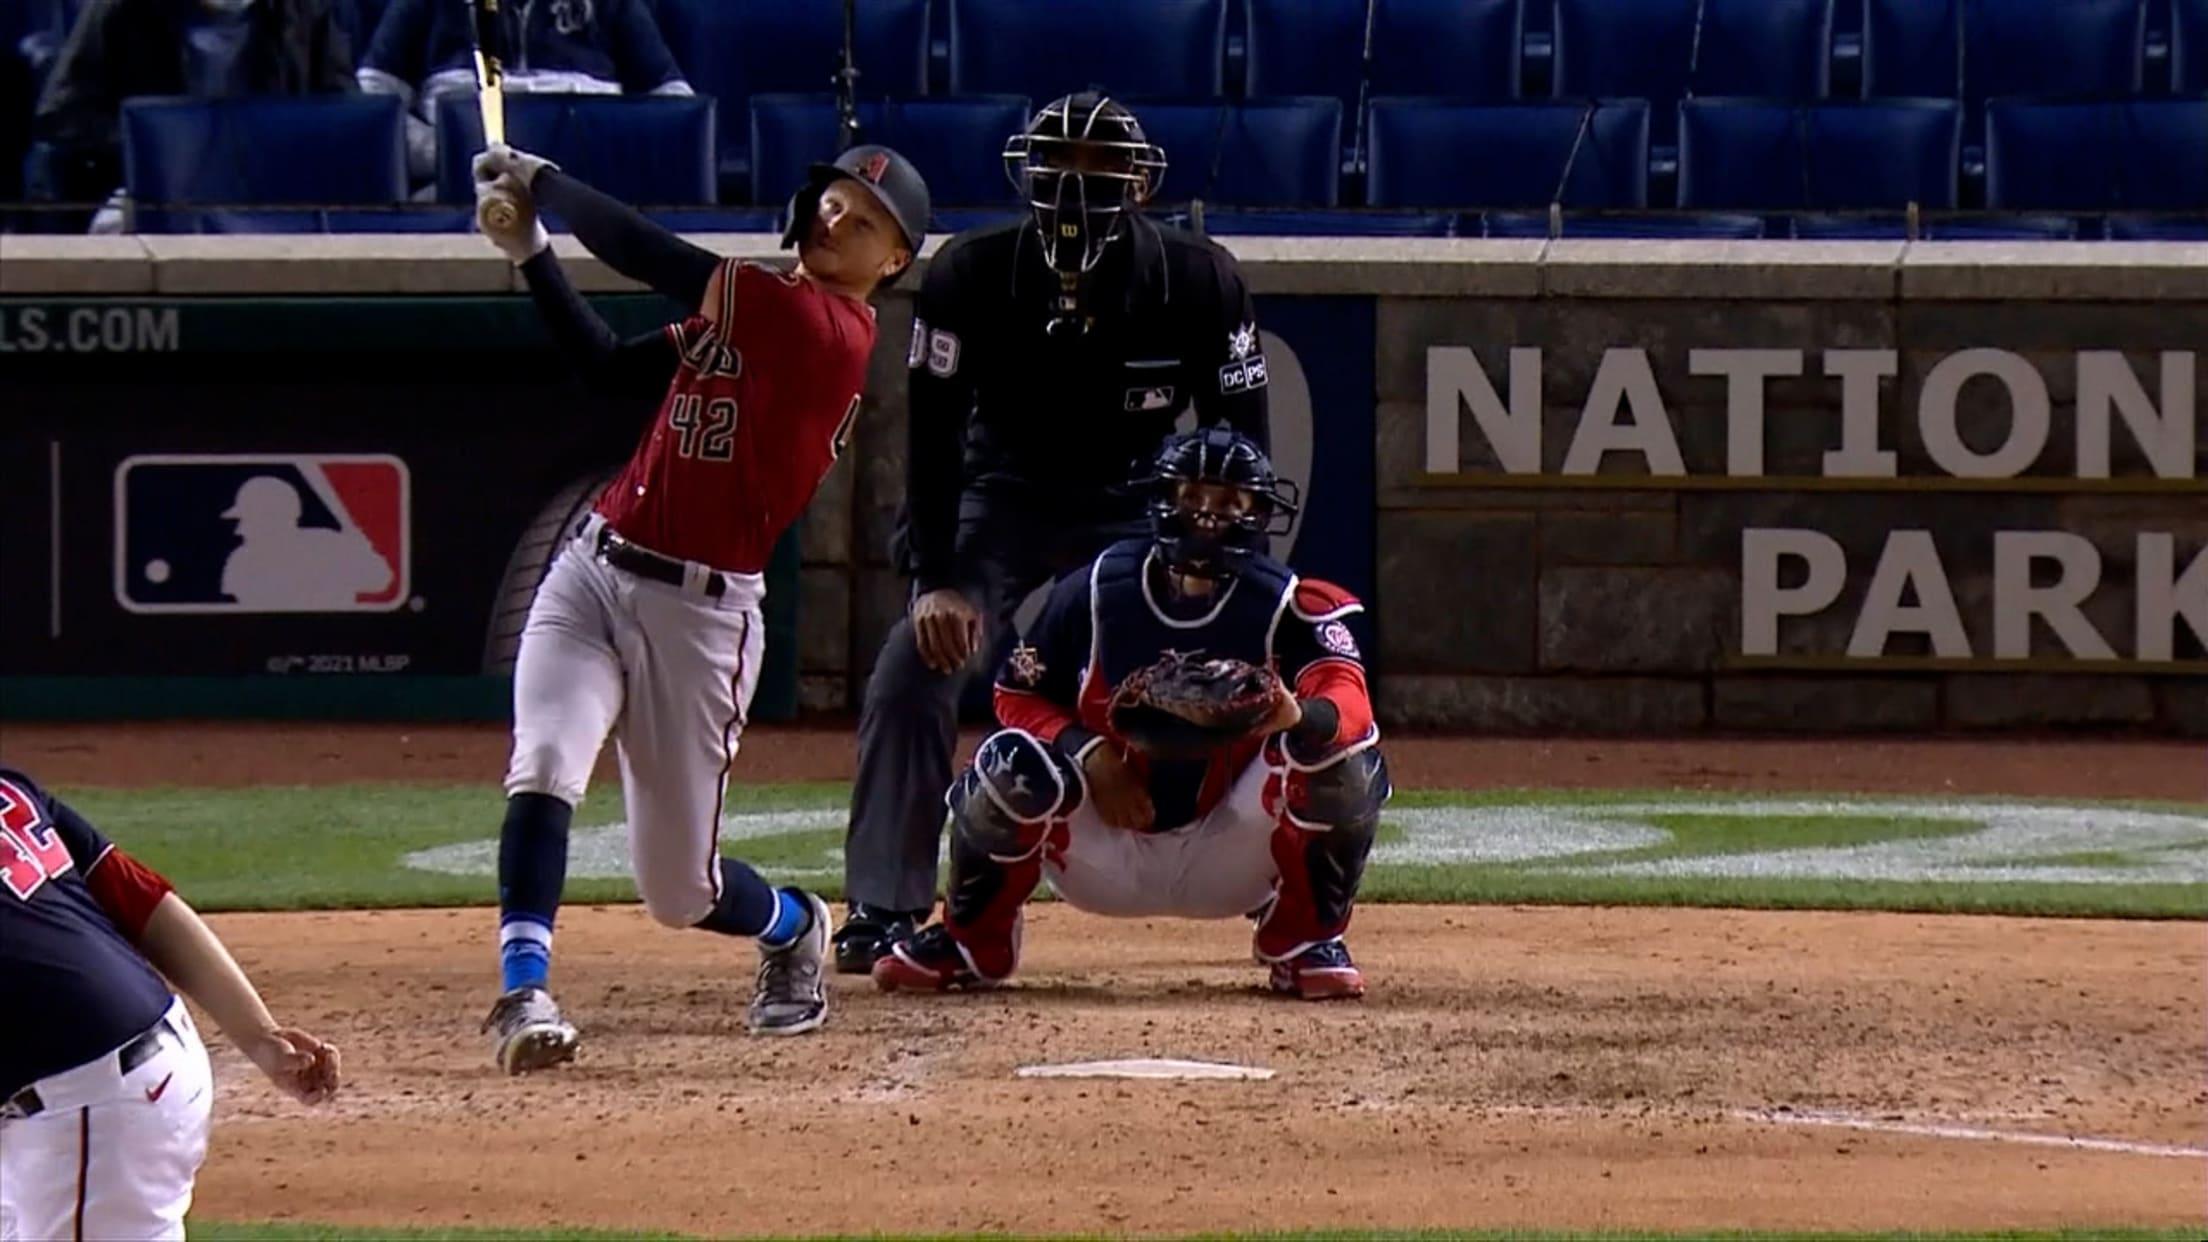 Pavin Smith's solo home run